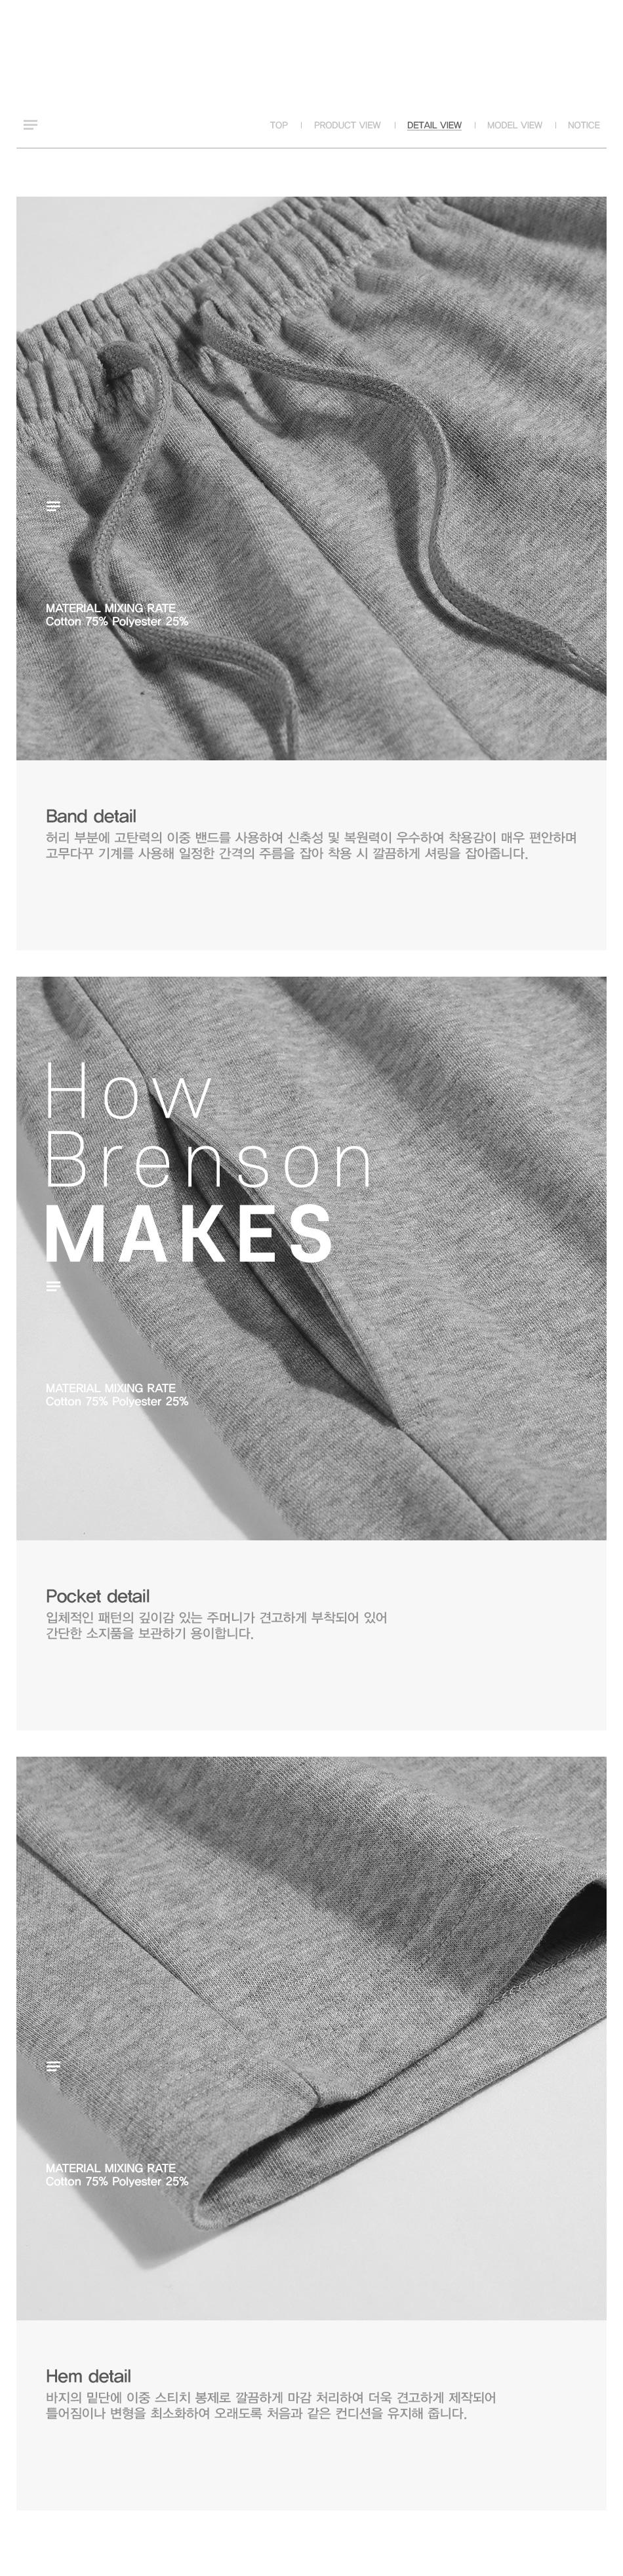 브렌슨(BRENSON) 미니멀 트레이닝 essential 반바지 (멜란지)